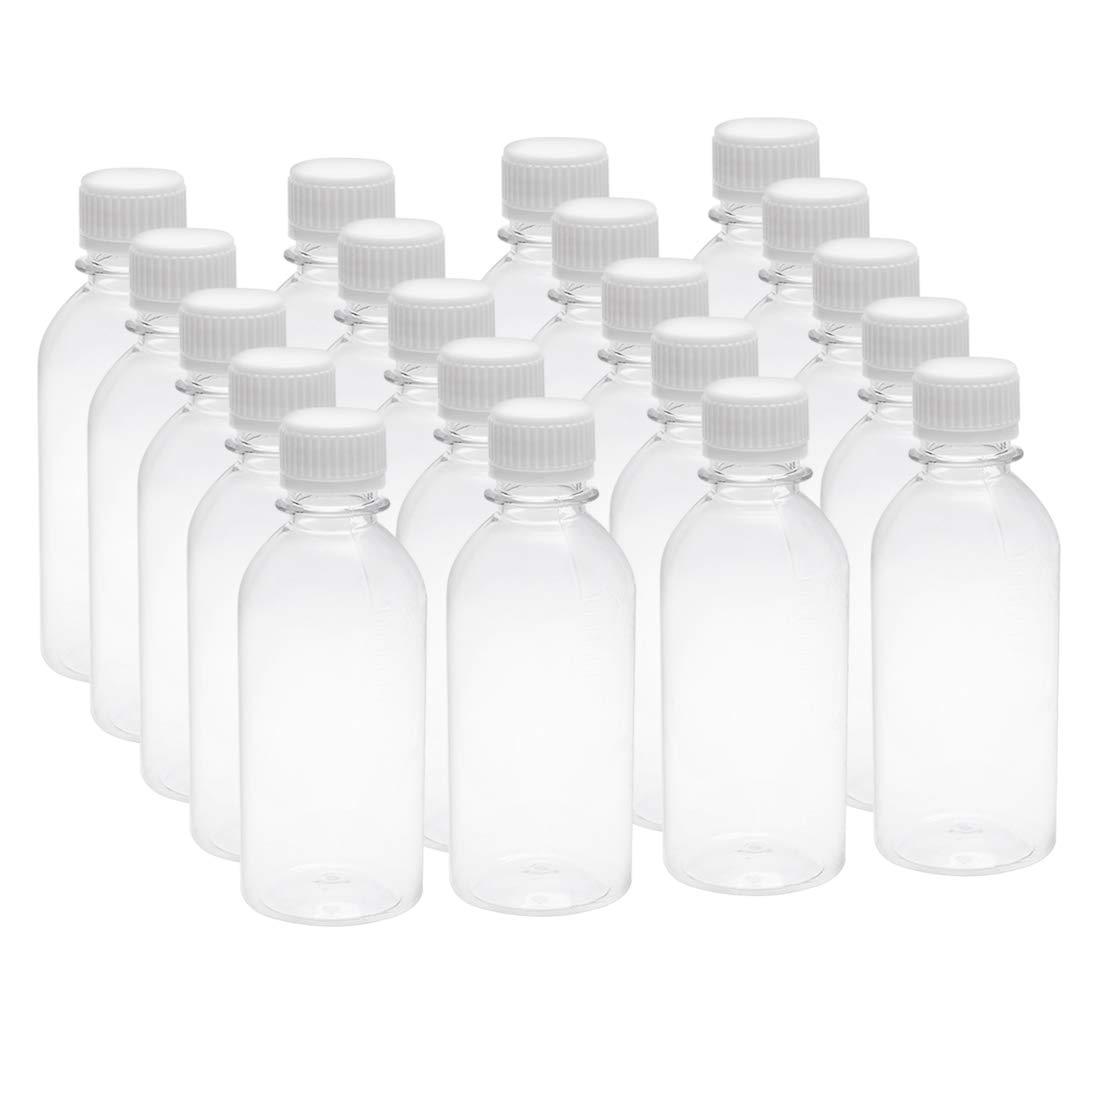 10 St/ück mit manipulationssicheren Kappen 60 ml klein Sourcing Map Kunststoff-Reagenzflasche transparent